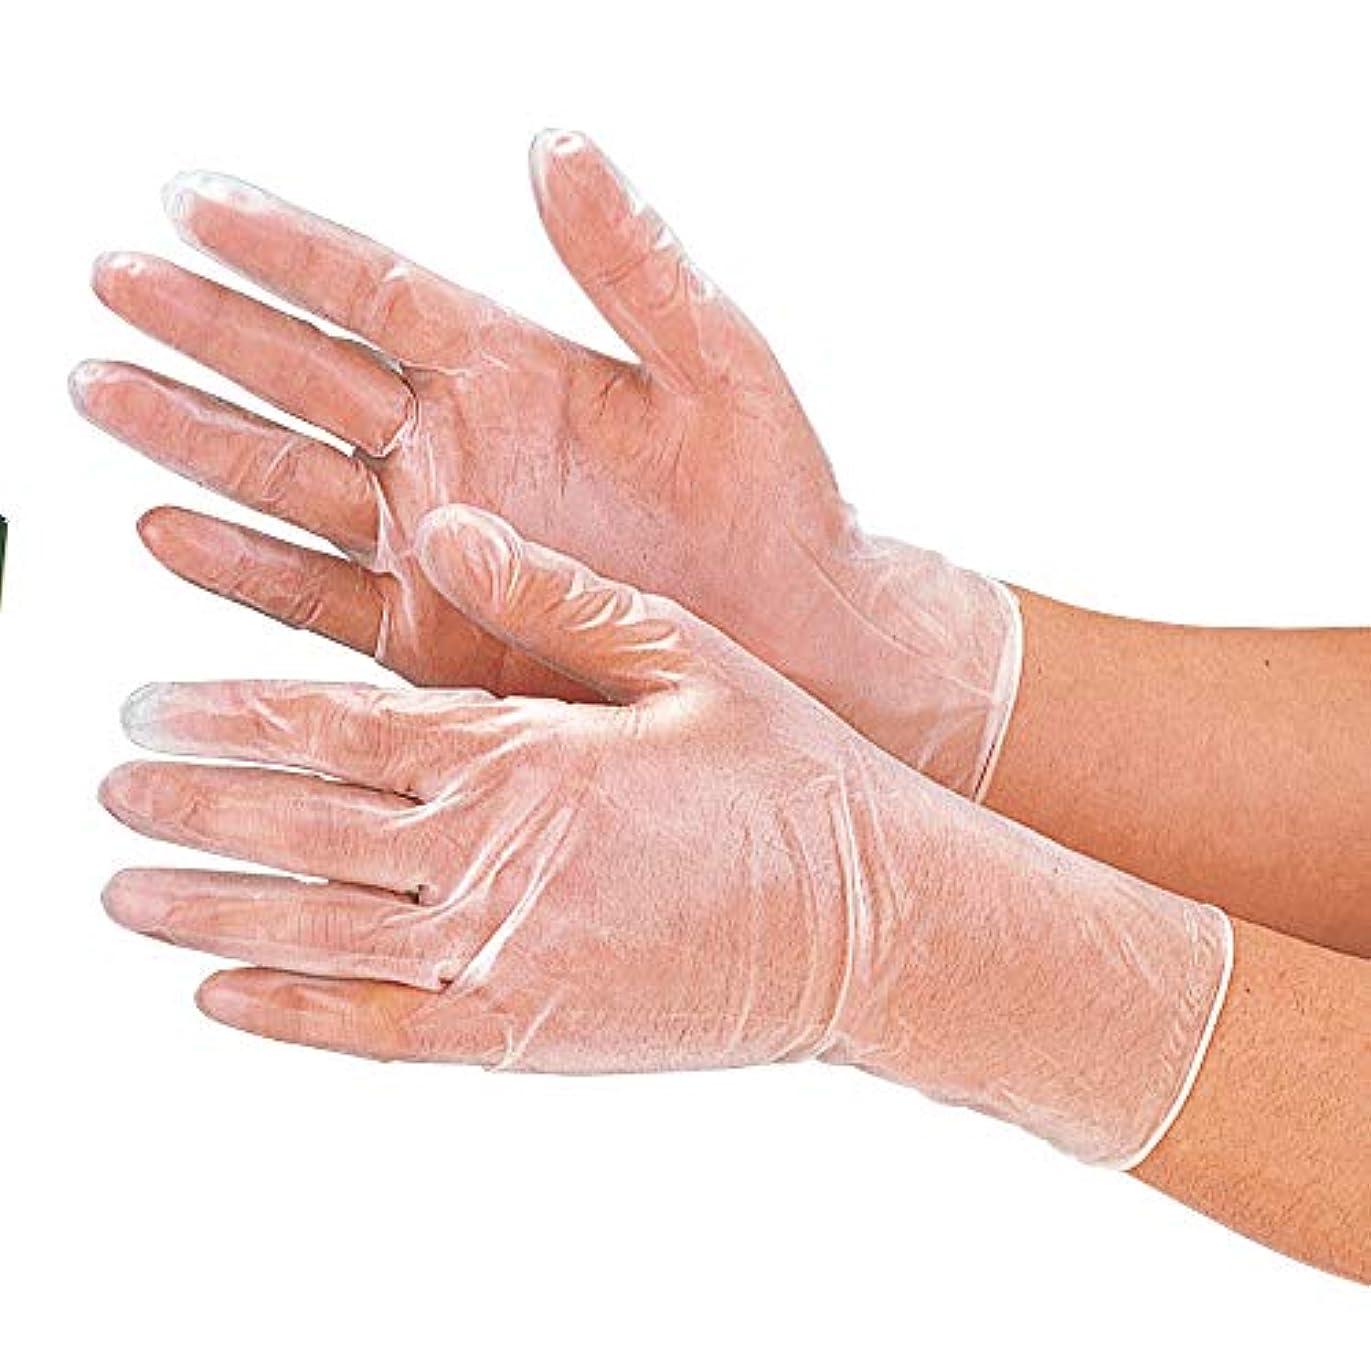 帰る子供時代ディレクトリおたふく手袋 プラスチックディスポ手袋 100枚入り #255 S/M/L